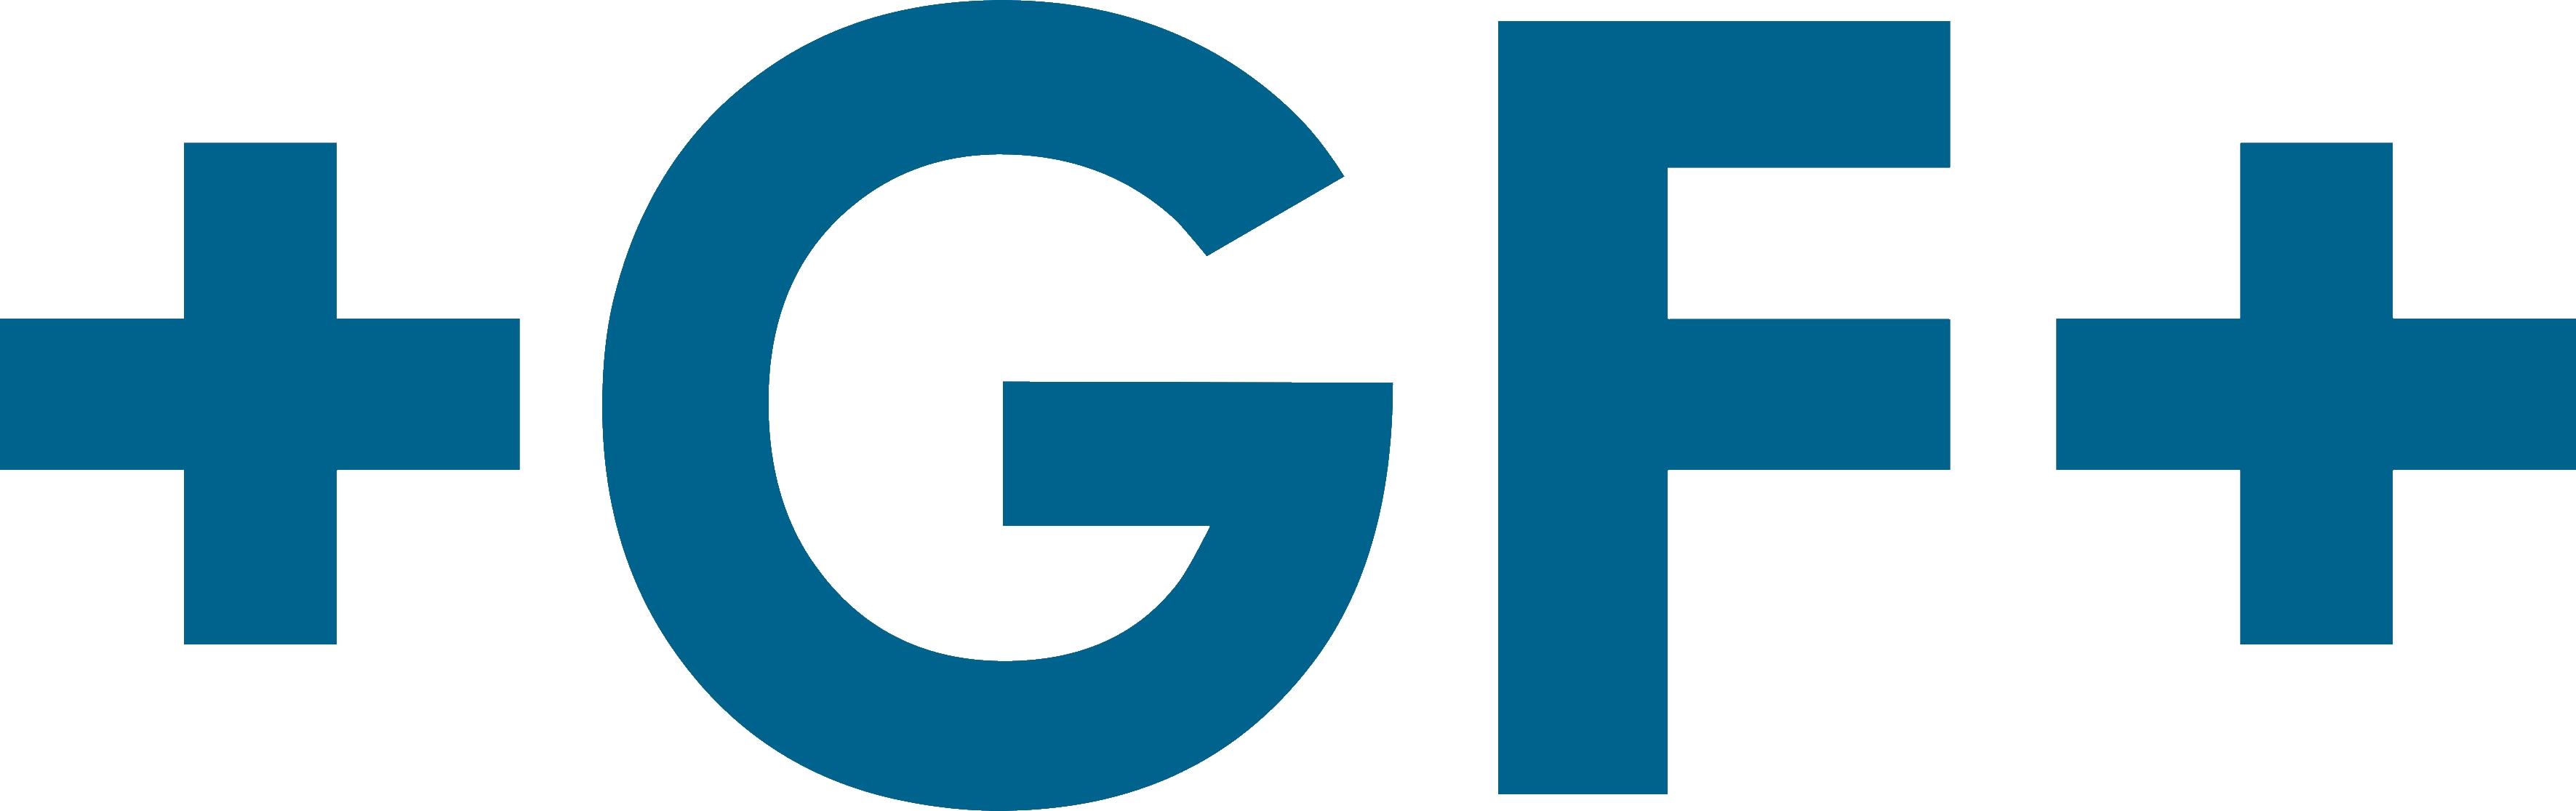 gf_prova-2